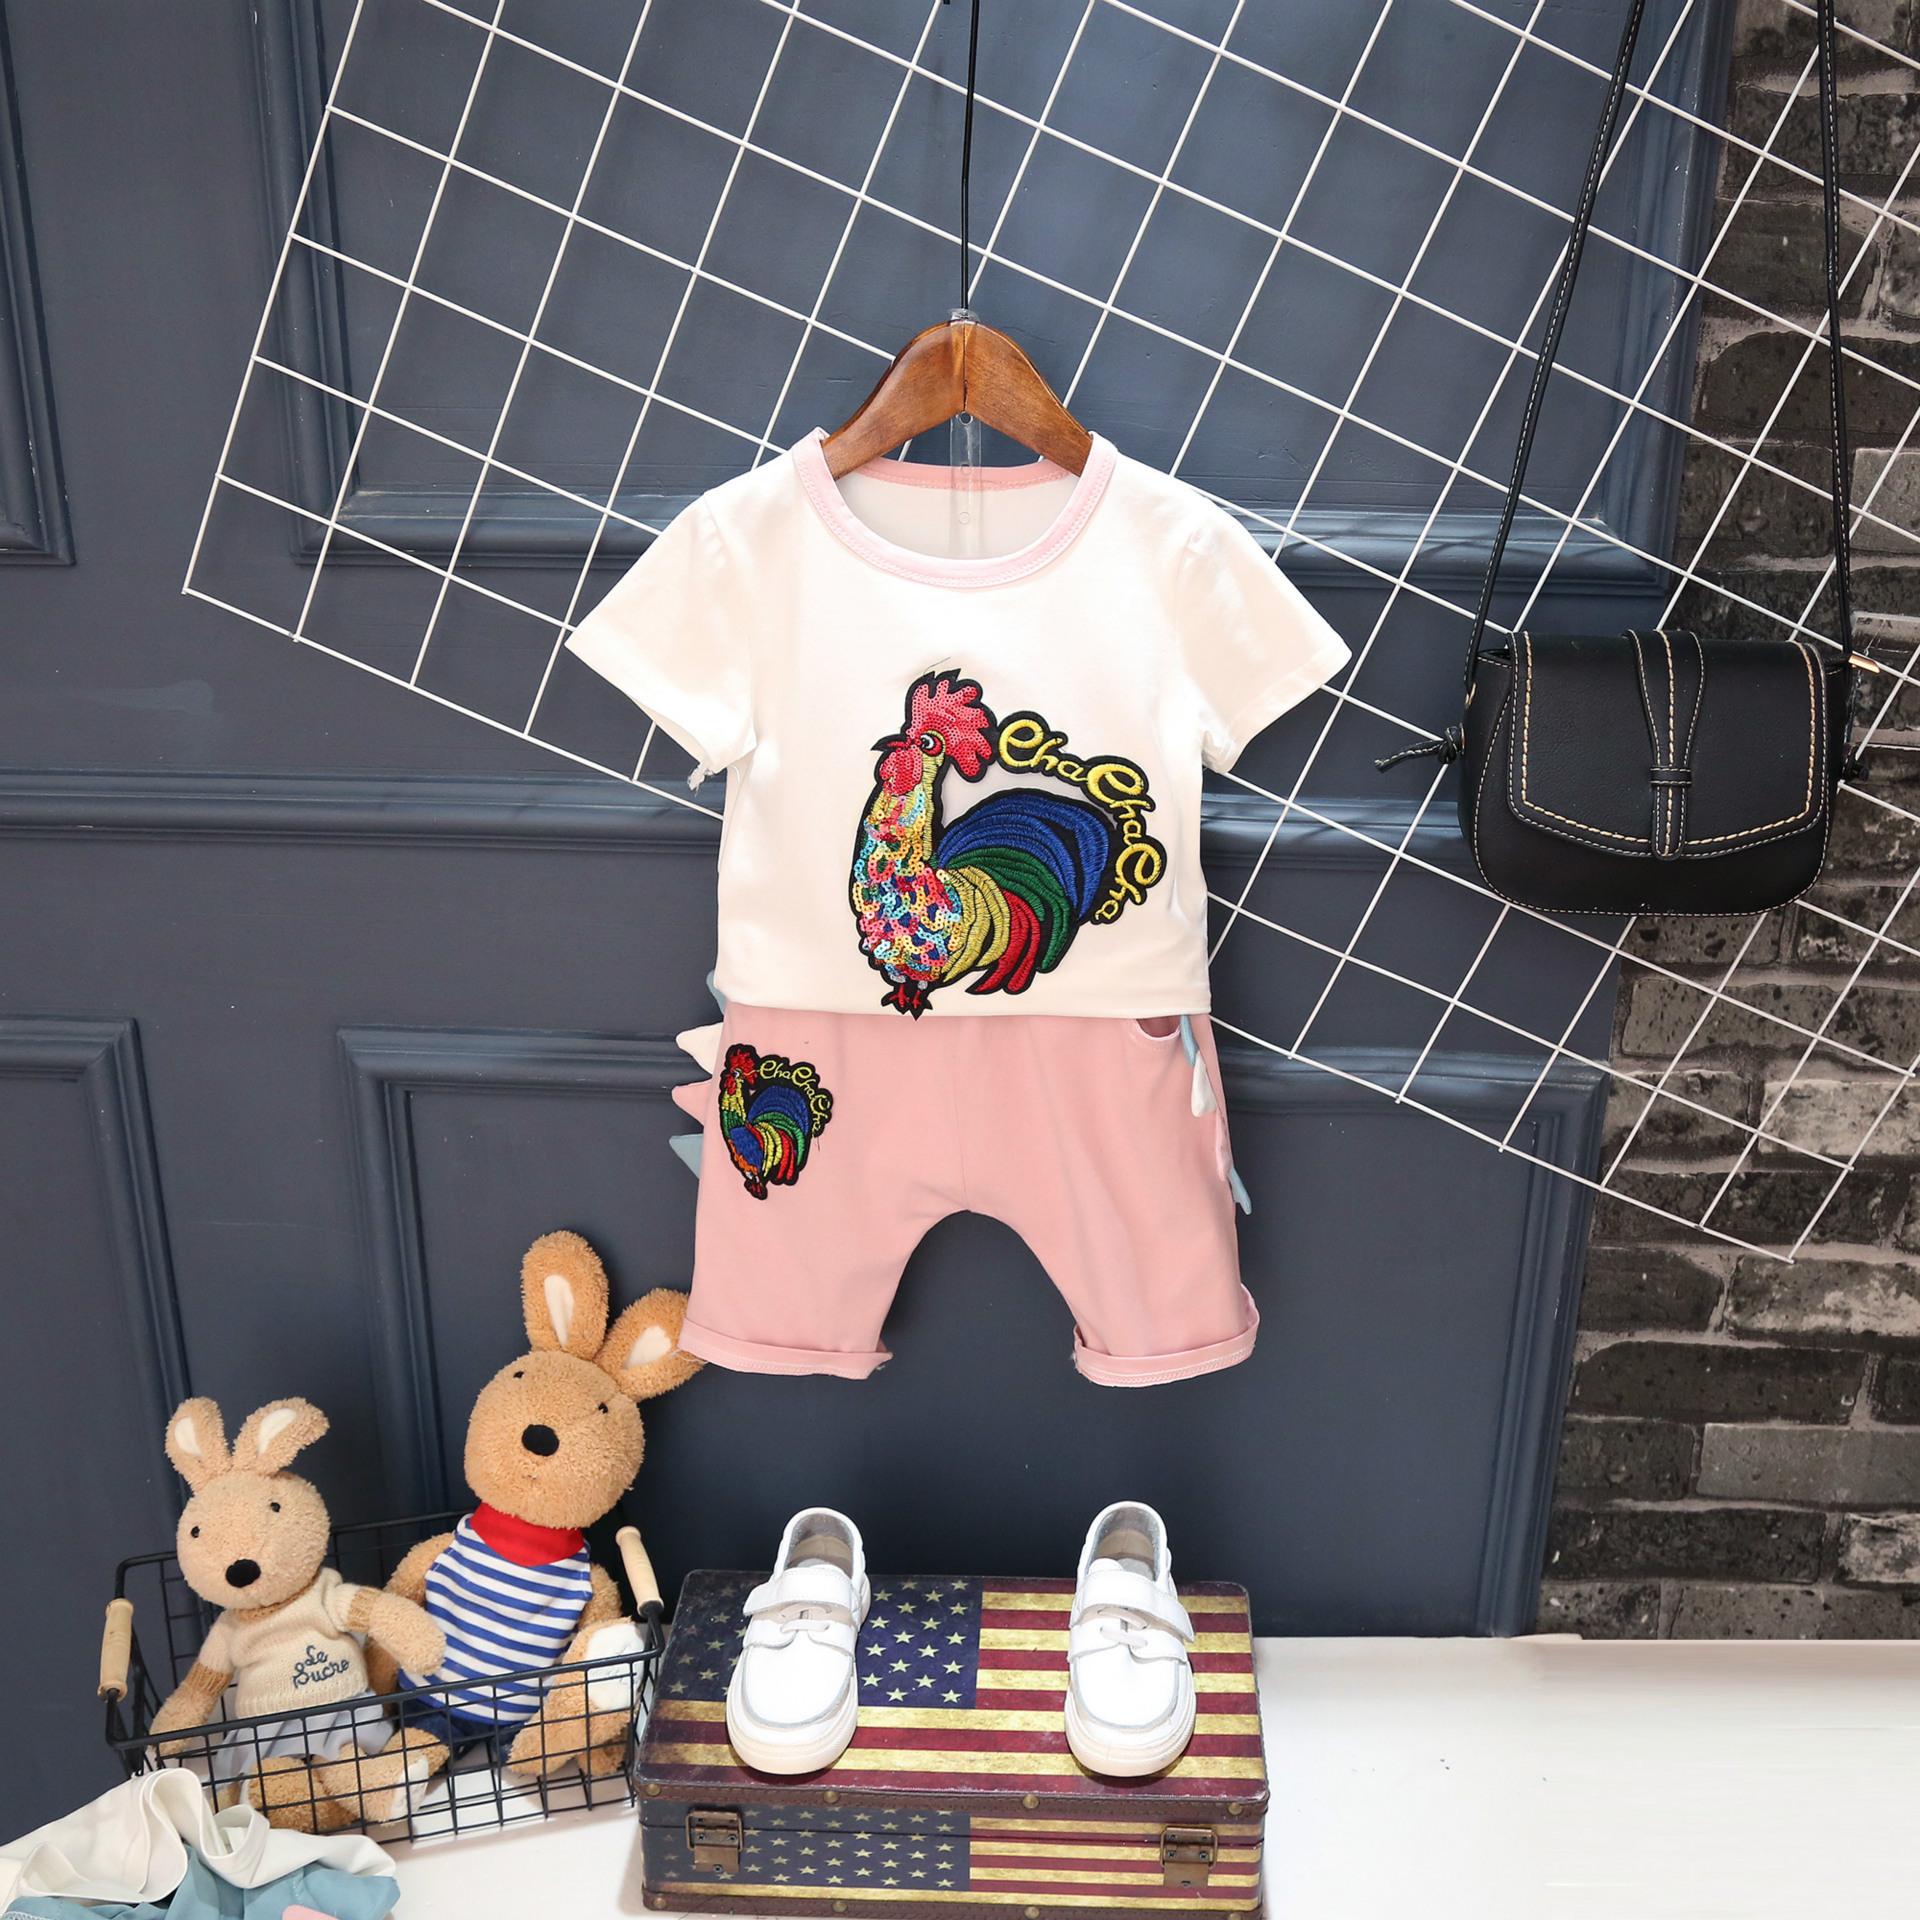 2017夏装新款男女童短裤套装潮2-7岁女童中小童夏季两件套H